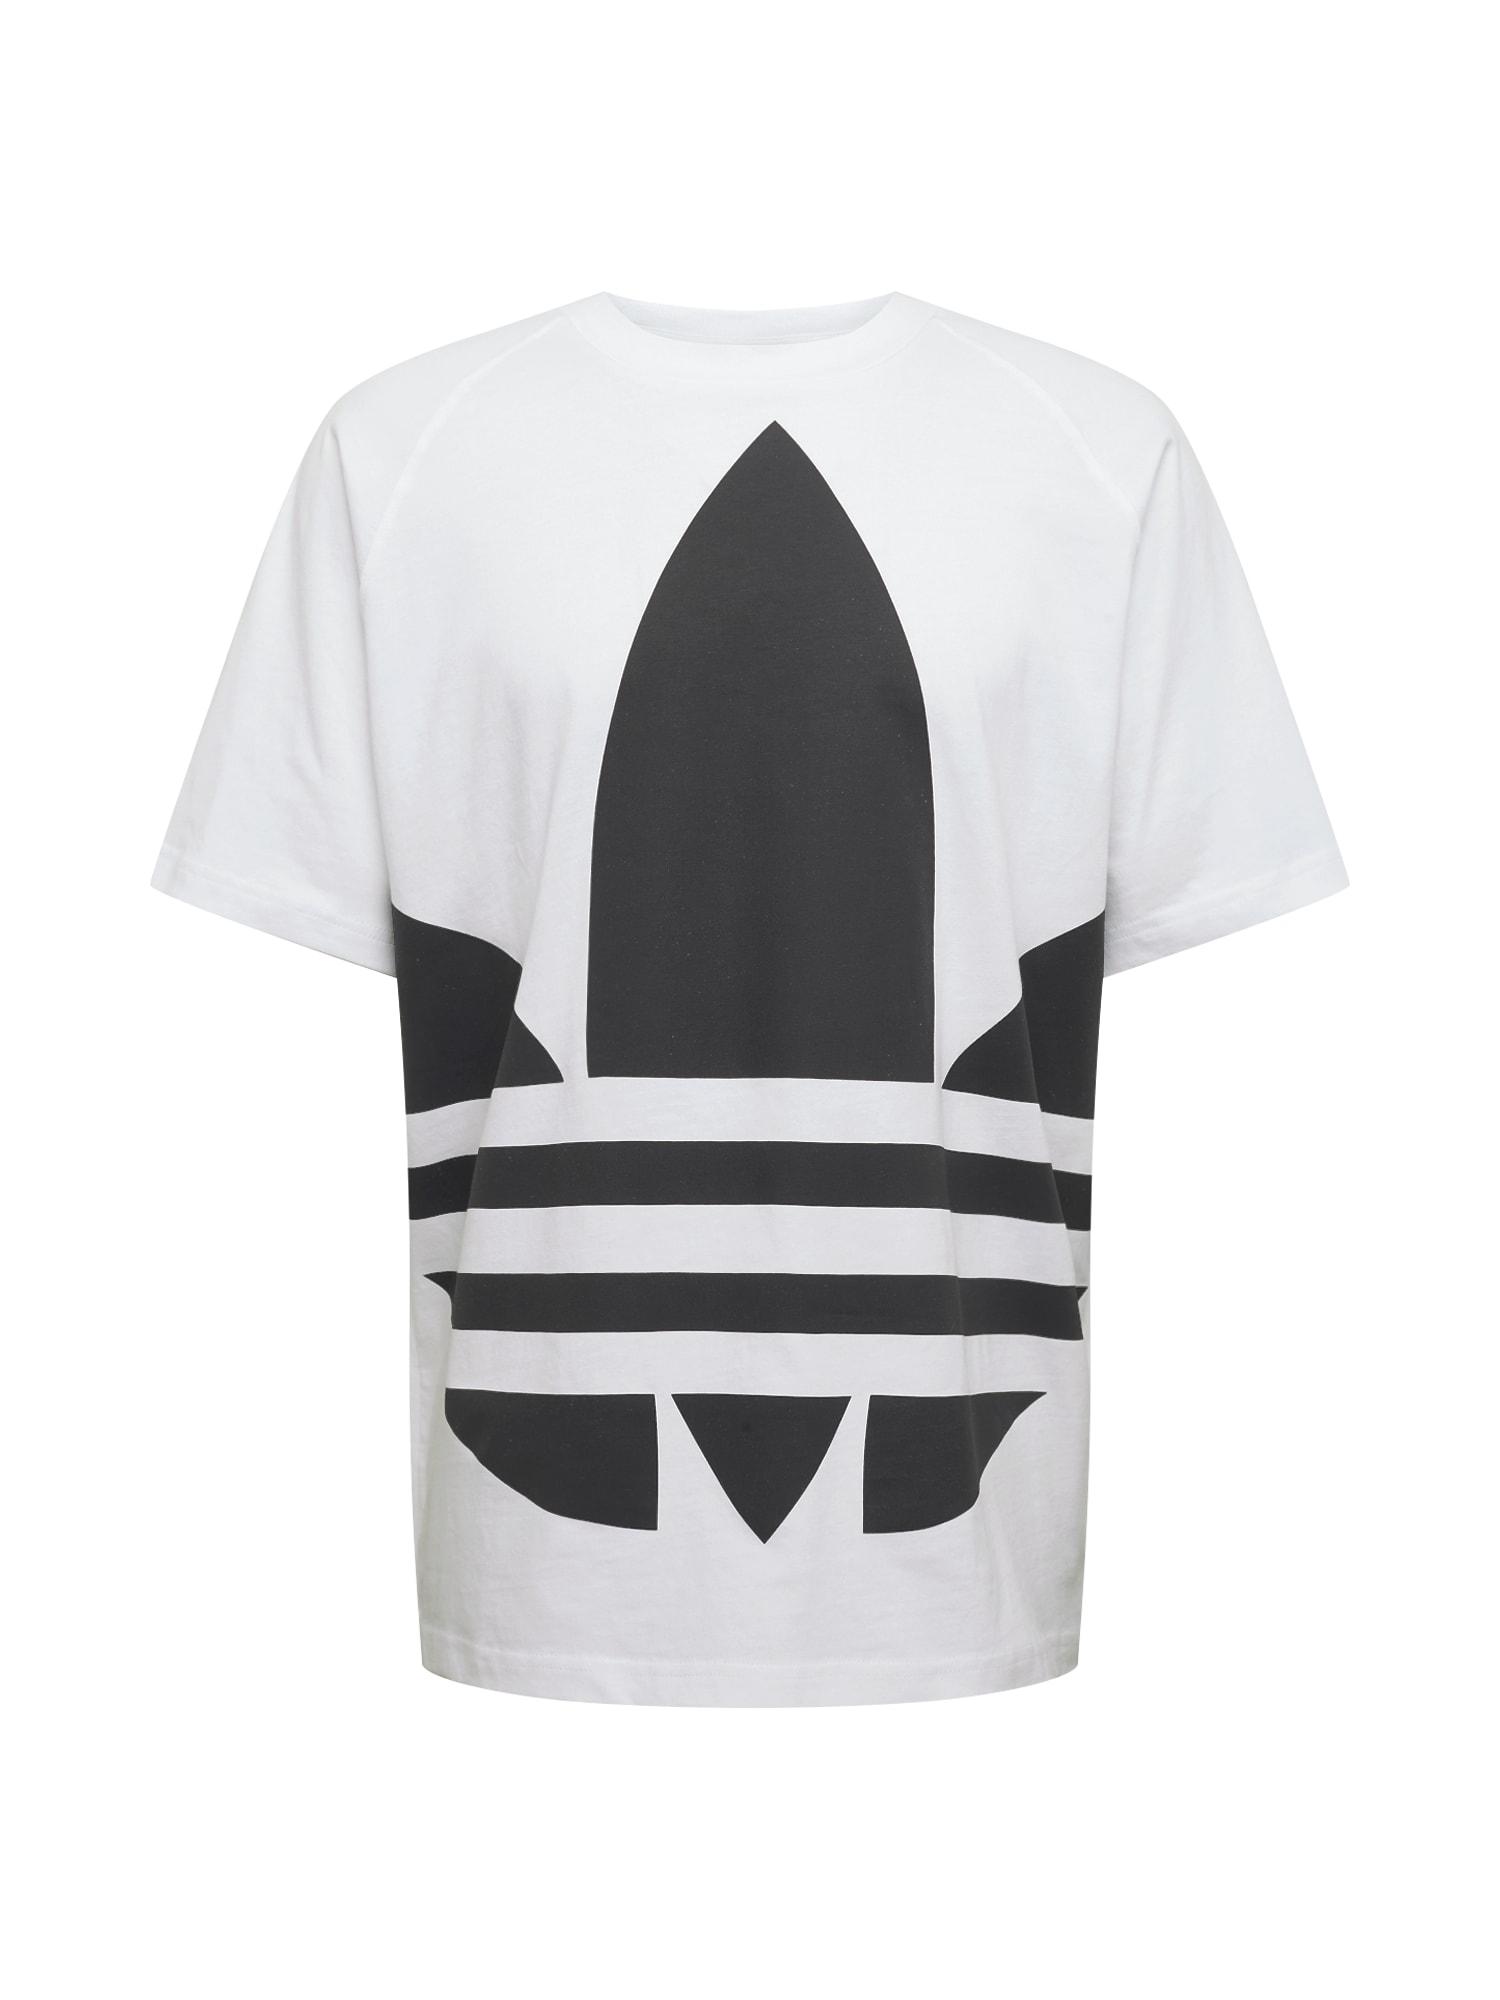 ADIDAS ORIGINALS Marškinėliai 'BG TREFOIL TEE' balta / juoda